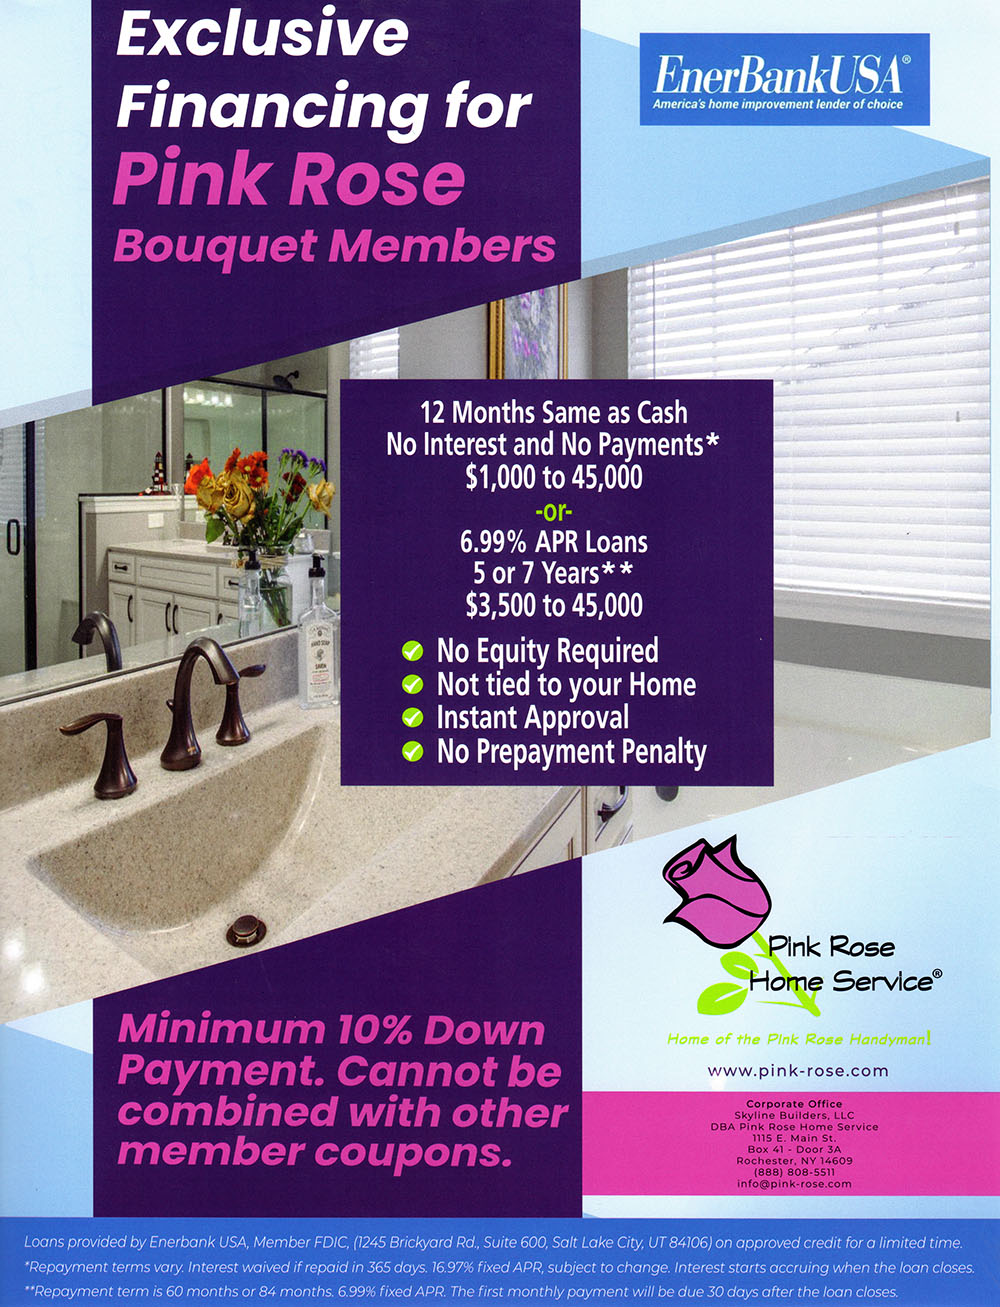 Pink Rose Financing